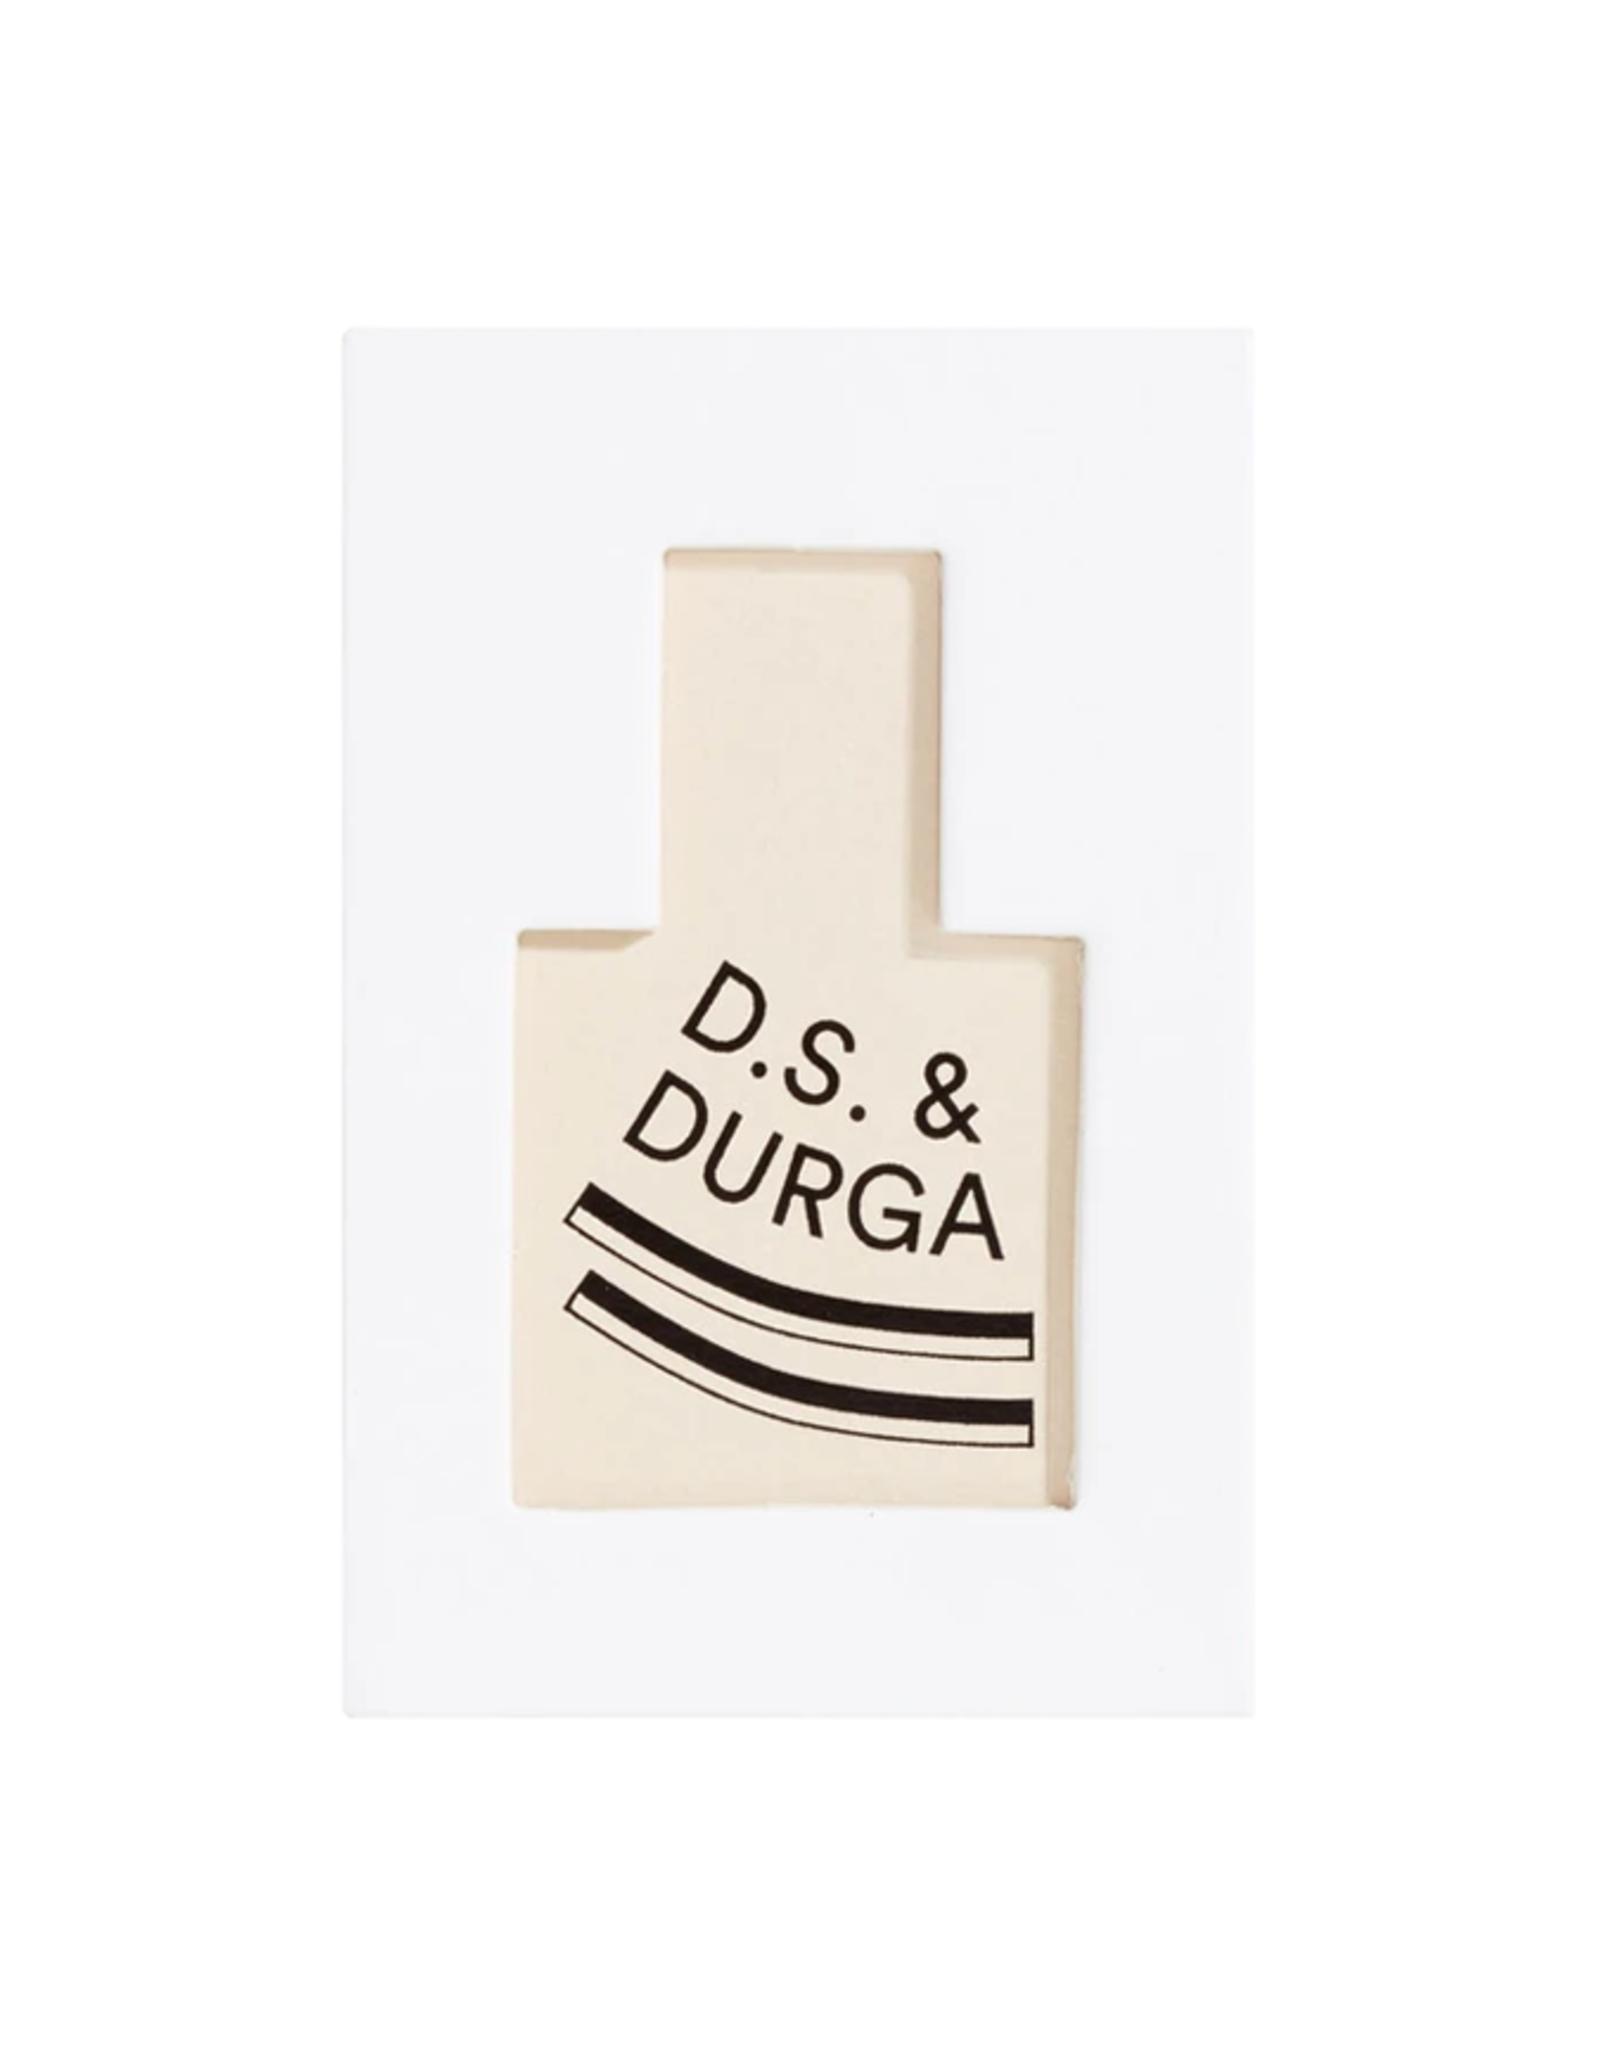 D.S. & DURGA Cowboy Grass - Eau de Parfum - 50mL